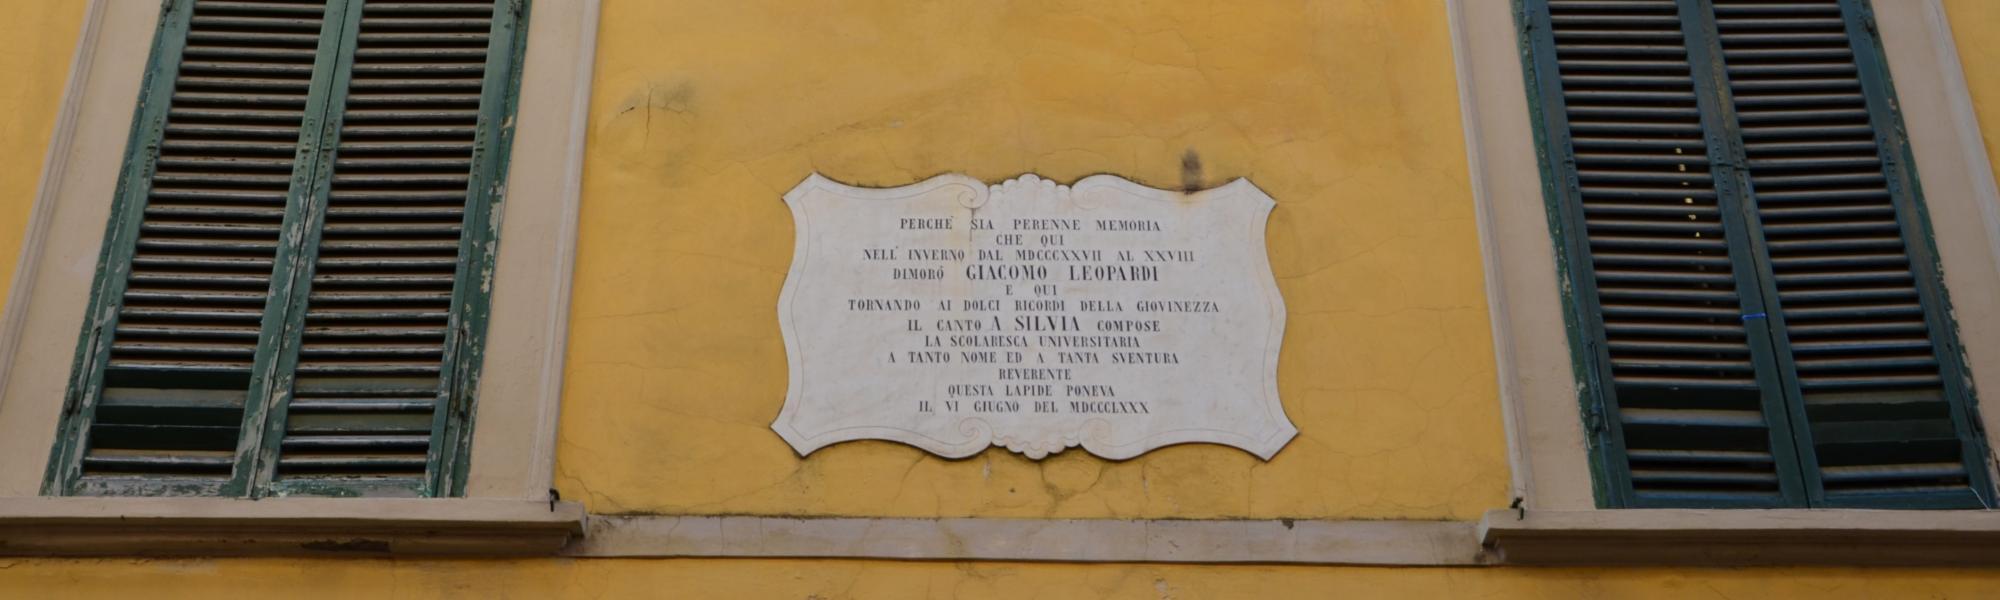 Epigrafe  Leopardi, via della Faggiola 19 (L. Corevi, Comune di Pisa)